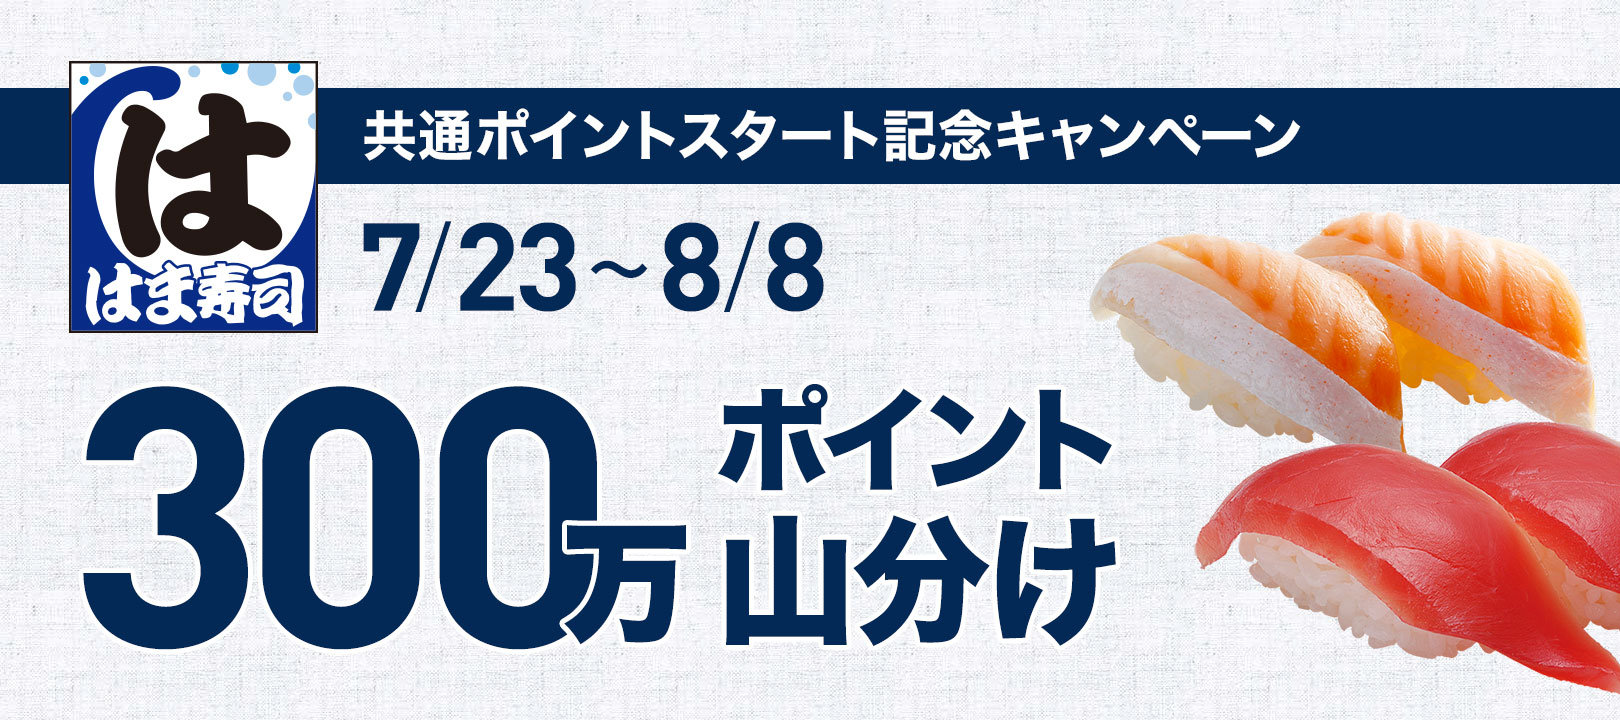 はま寿司で楽天ポイントカードが利用開始。ポイント2倍。300万ポイントの山分けも。~8/8。